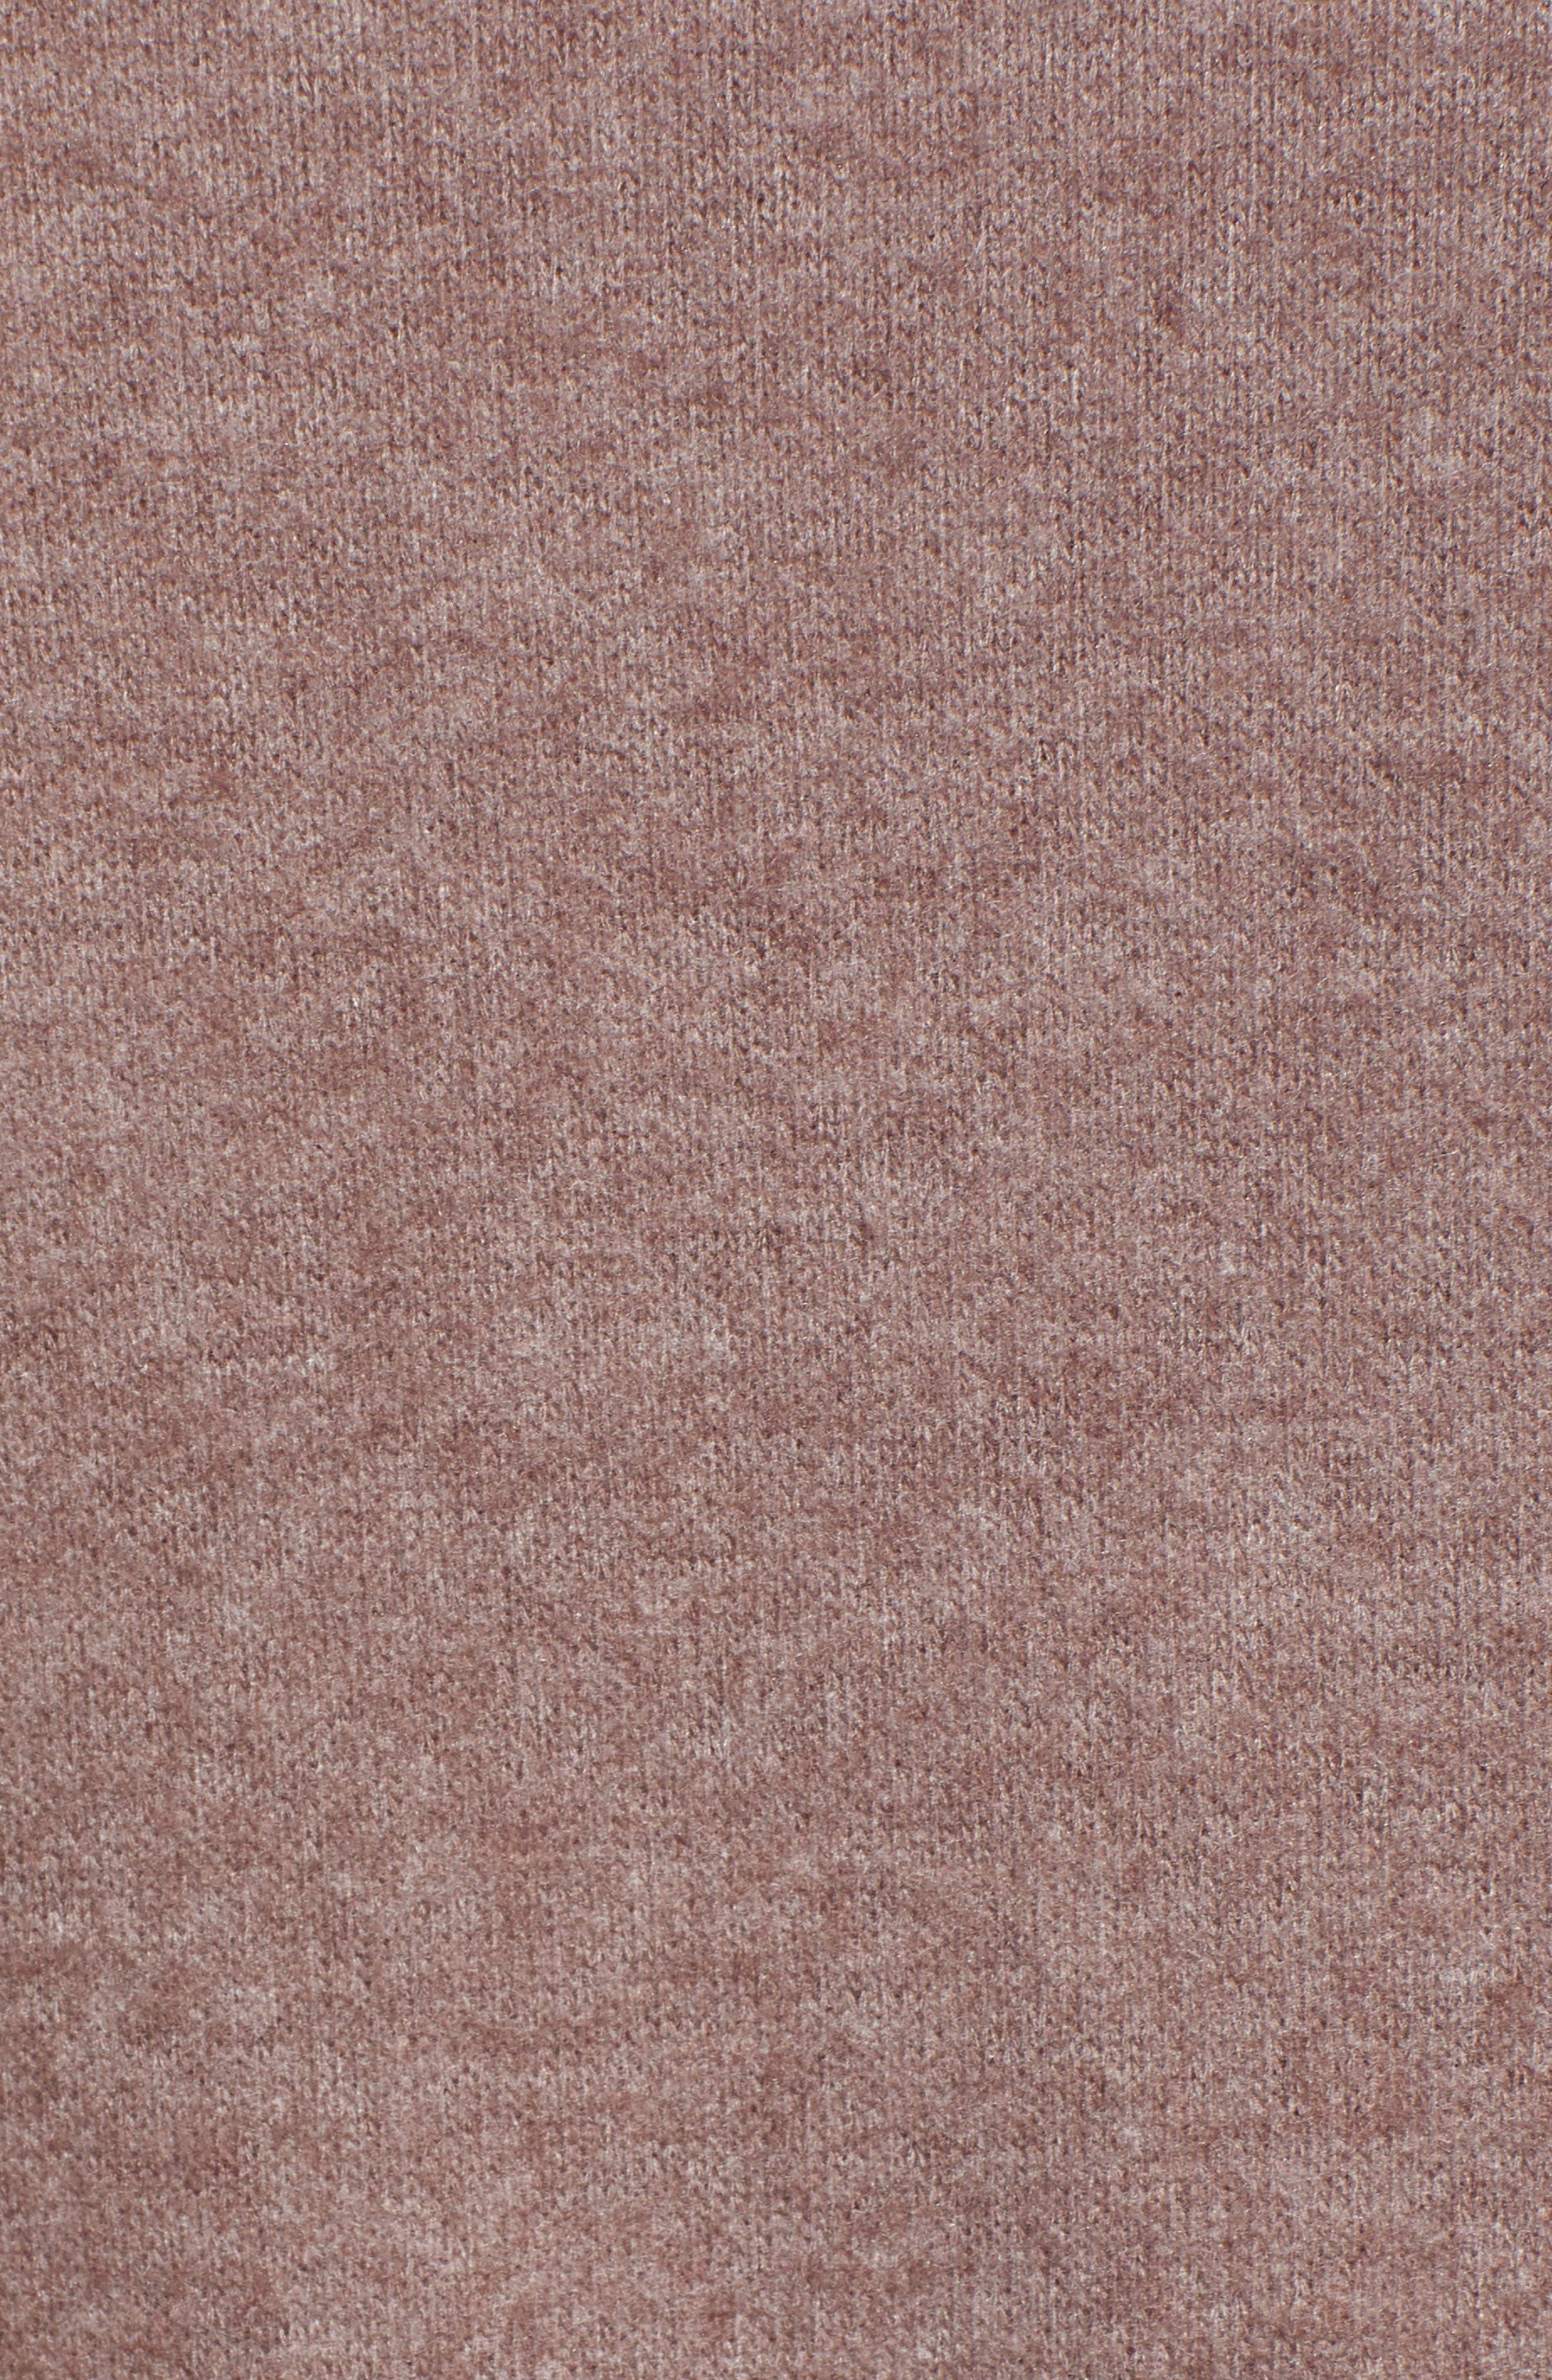 Alsen V-Neck Sweatshirt,                             Alternate thumbnail 5, color,                             250